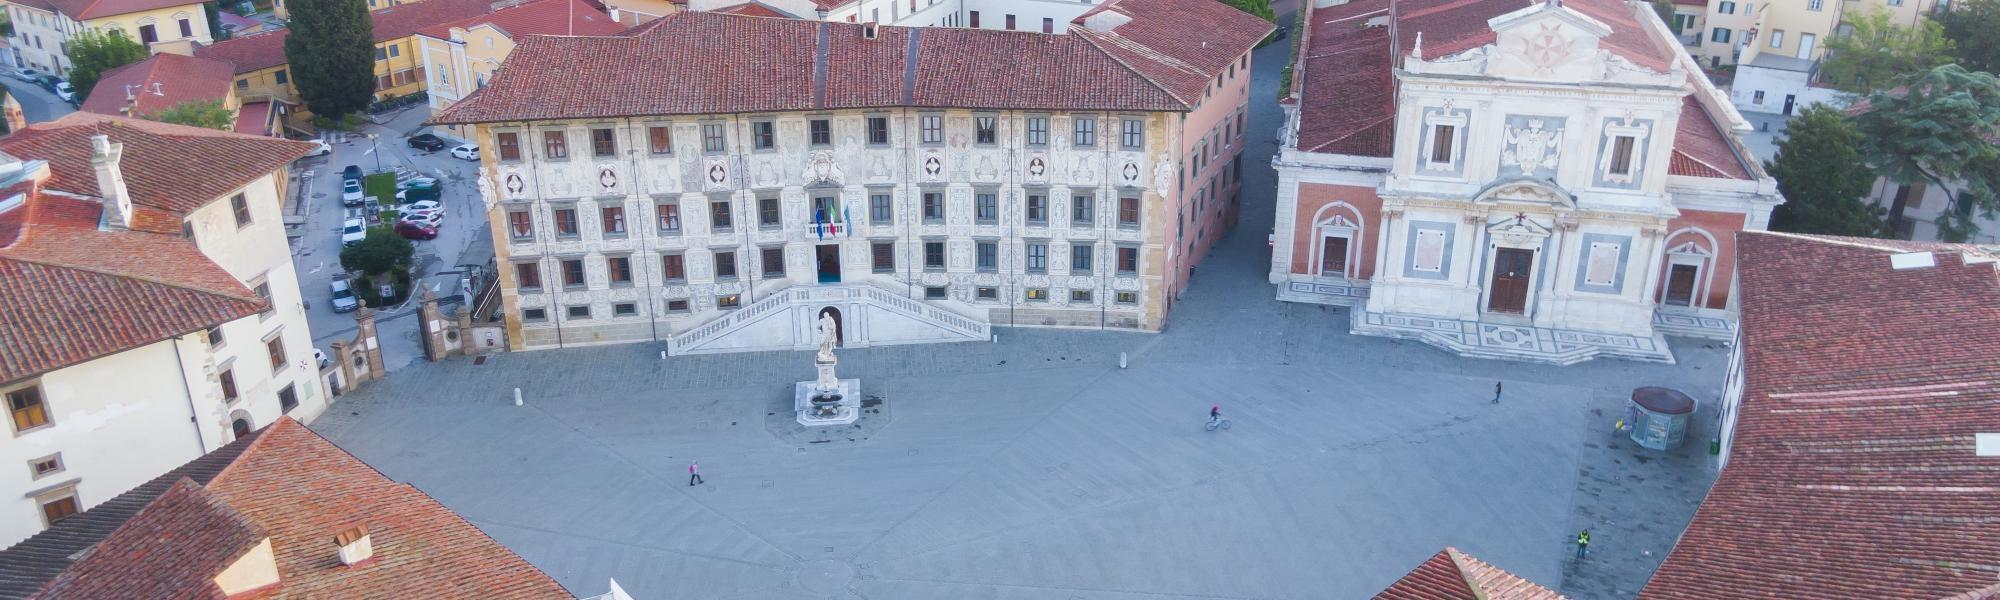 Veduta aerea Piazza dei Cavalieri - foto con drone (F. Muzzi)